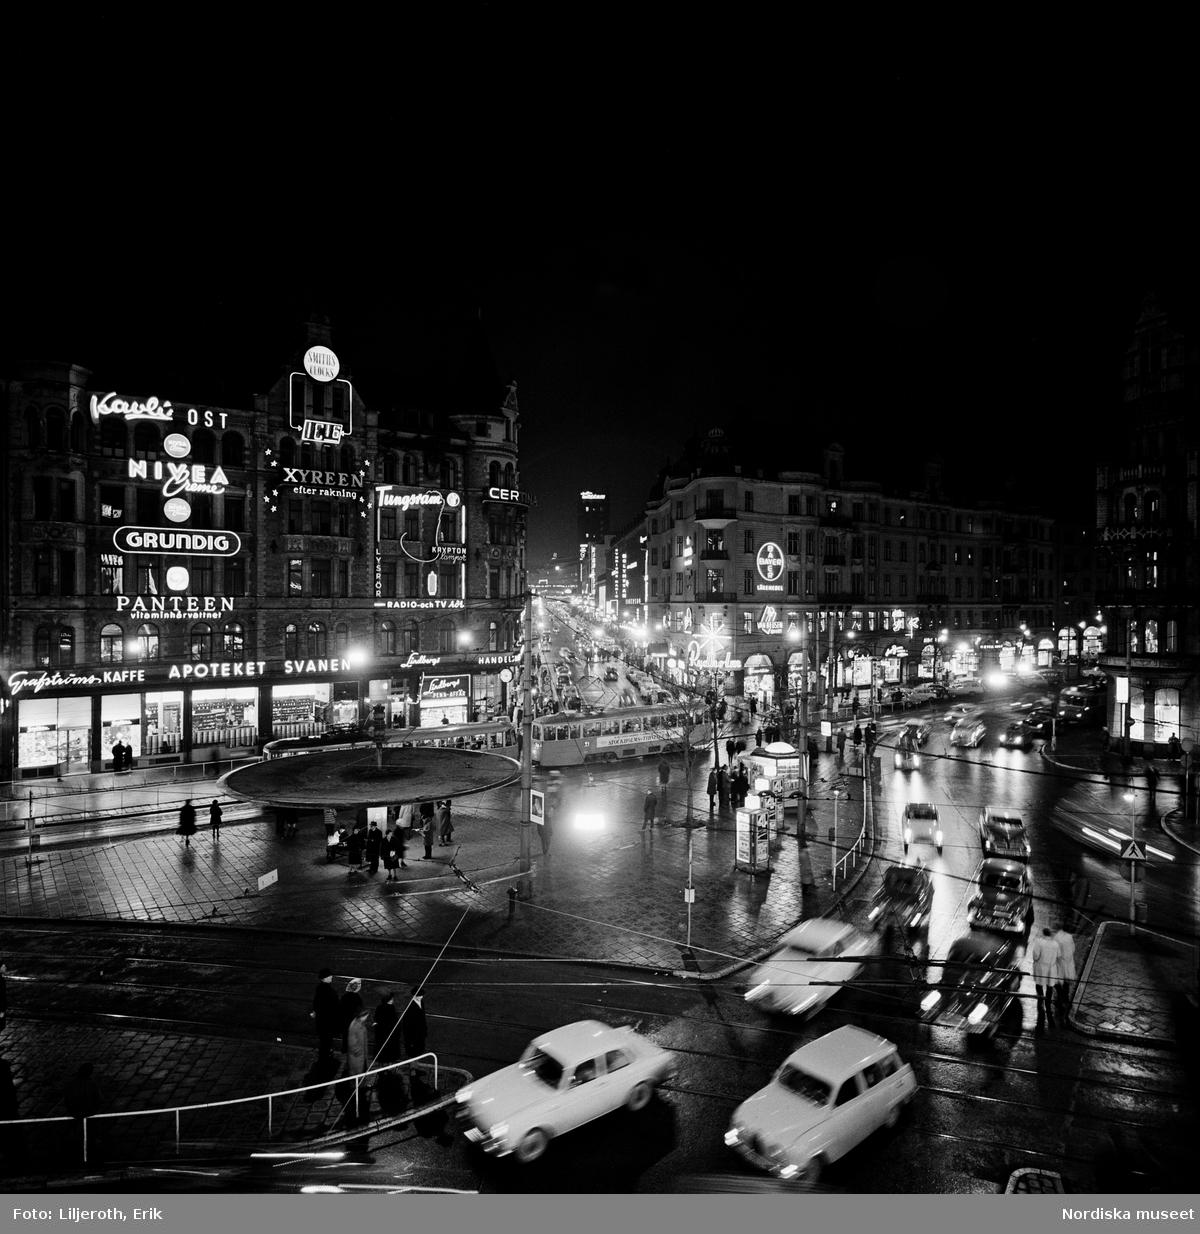 Spårvagn, bussar och bilar i trafik runt 'svampen', neonskyltar och gatubelysning tända. Stureplan, Stockholm.